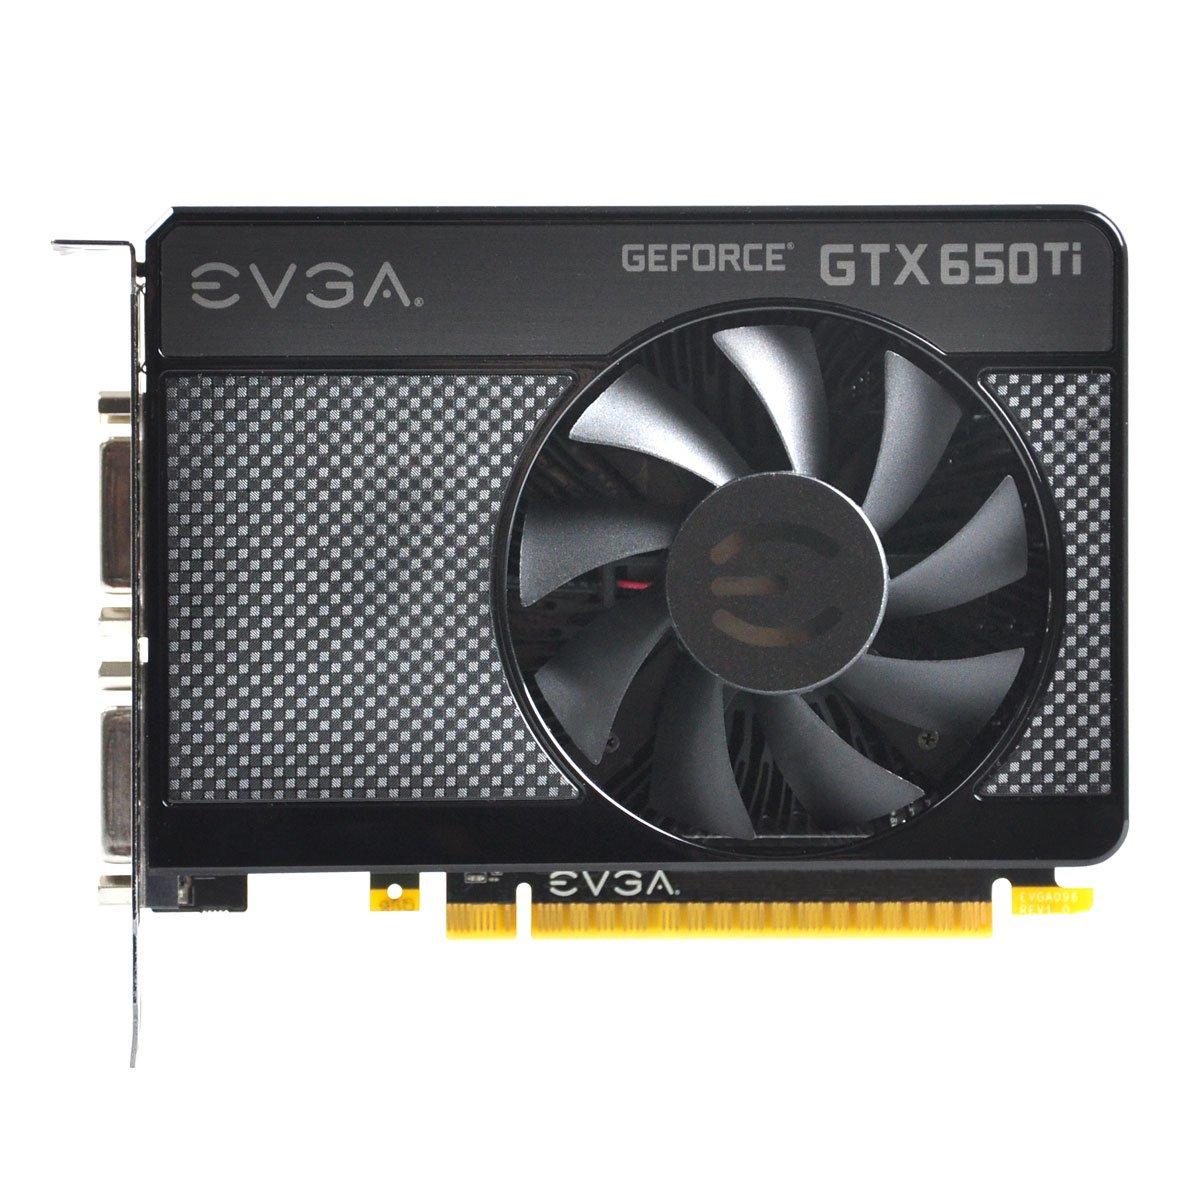 eVGA GeForce GTX 650 Ti Video Card